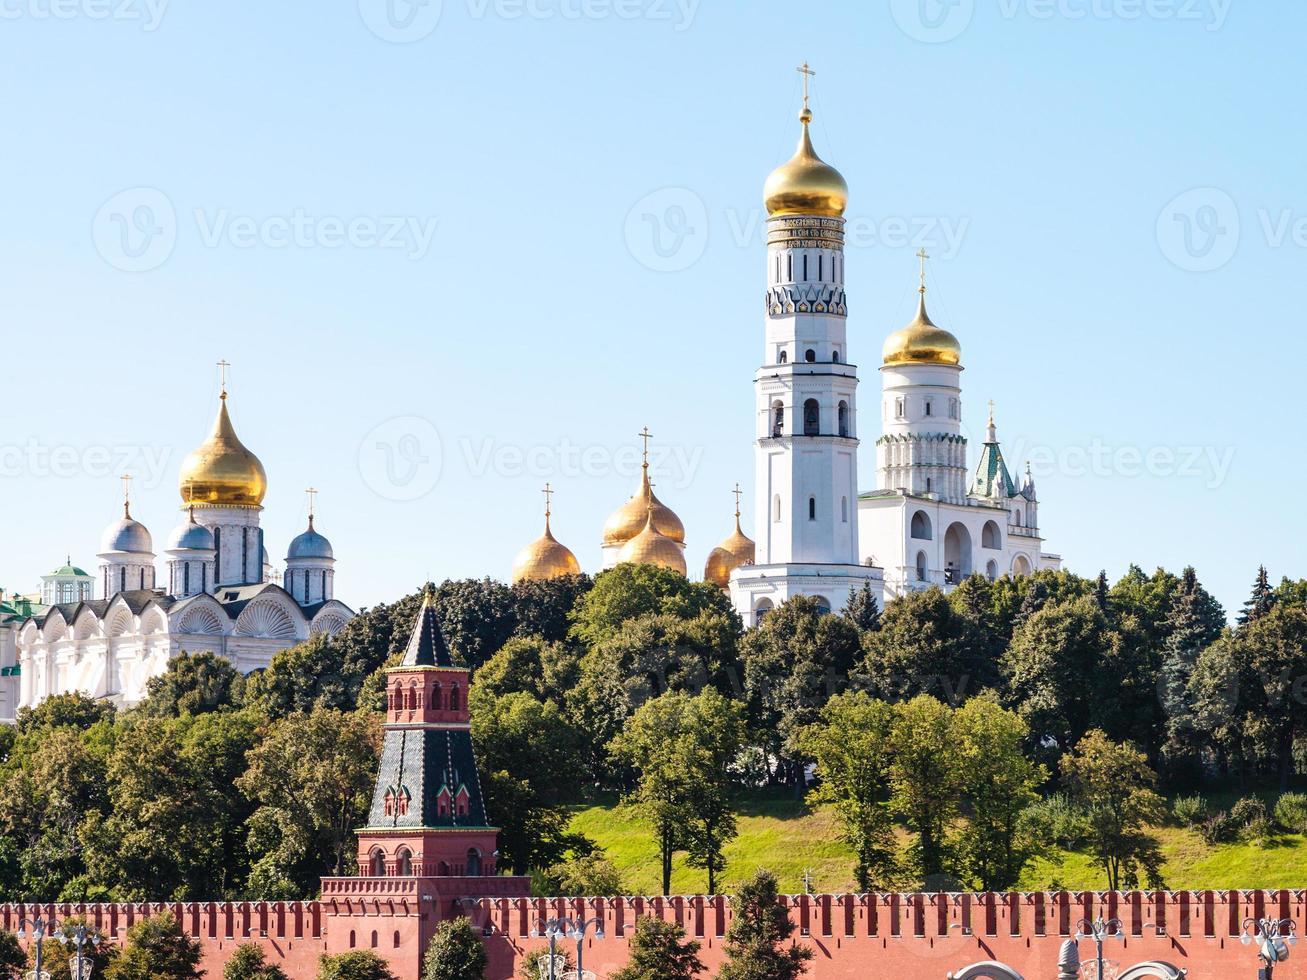 catedrales en colinas verdes en el kremlin de moscú foto